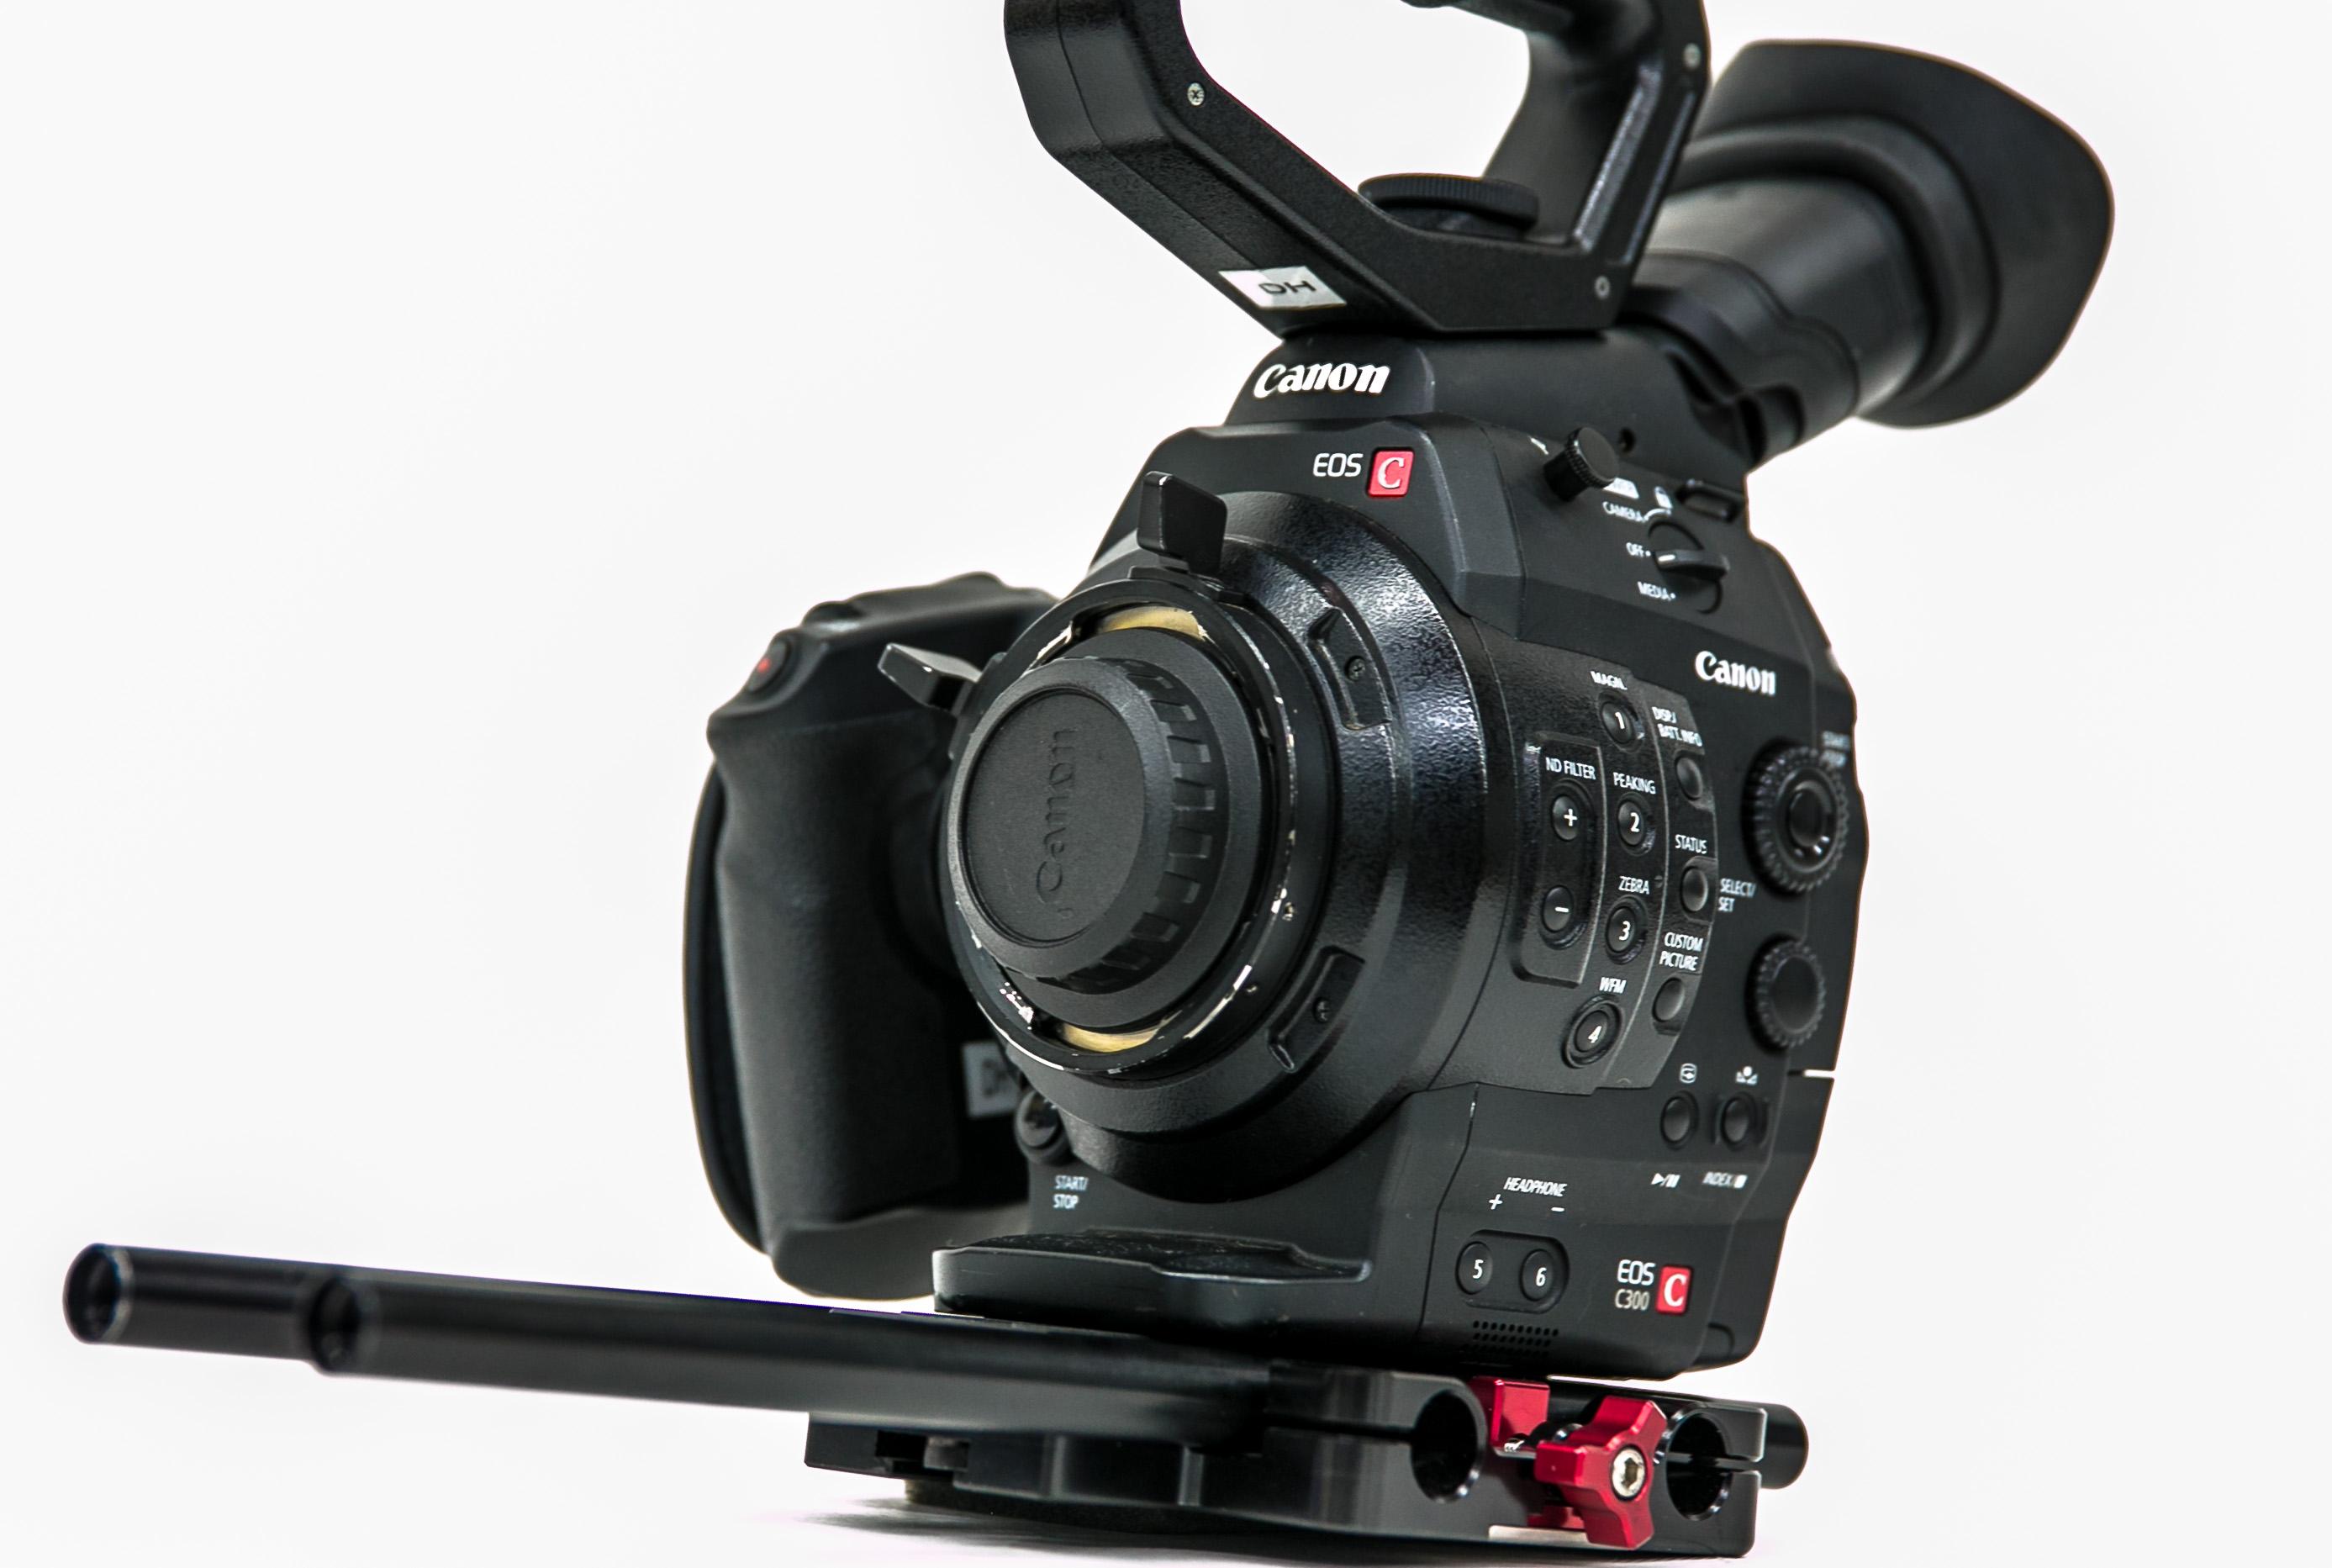 Canon C300 PL 1.4